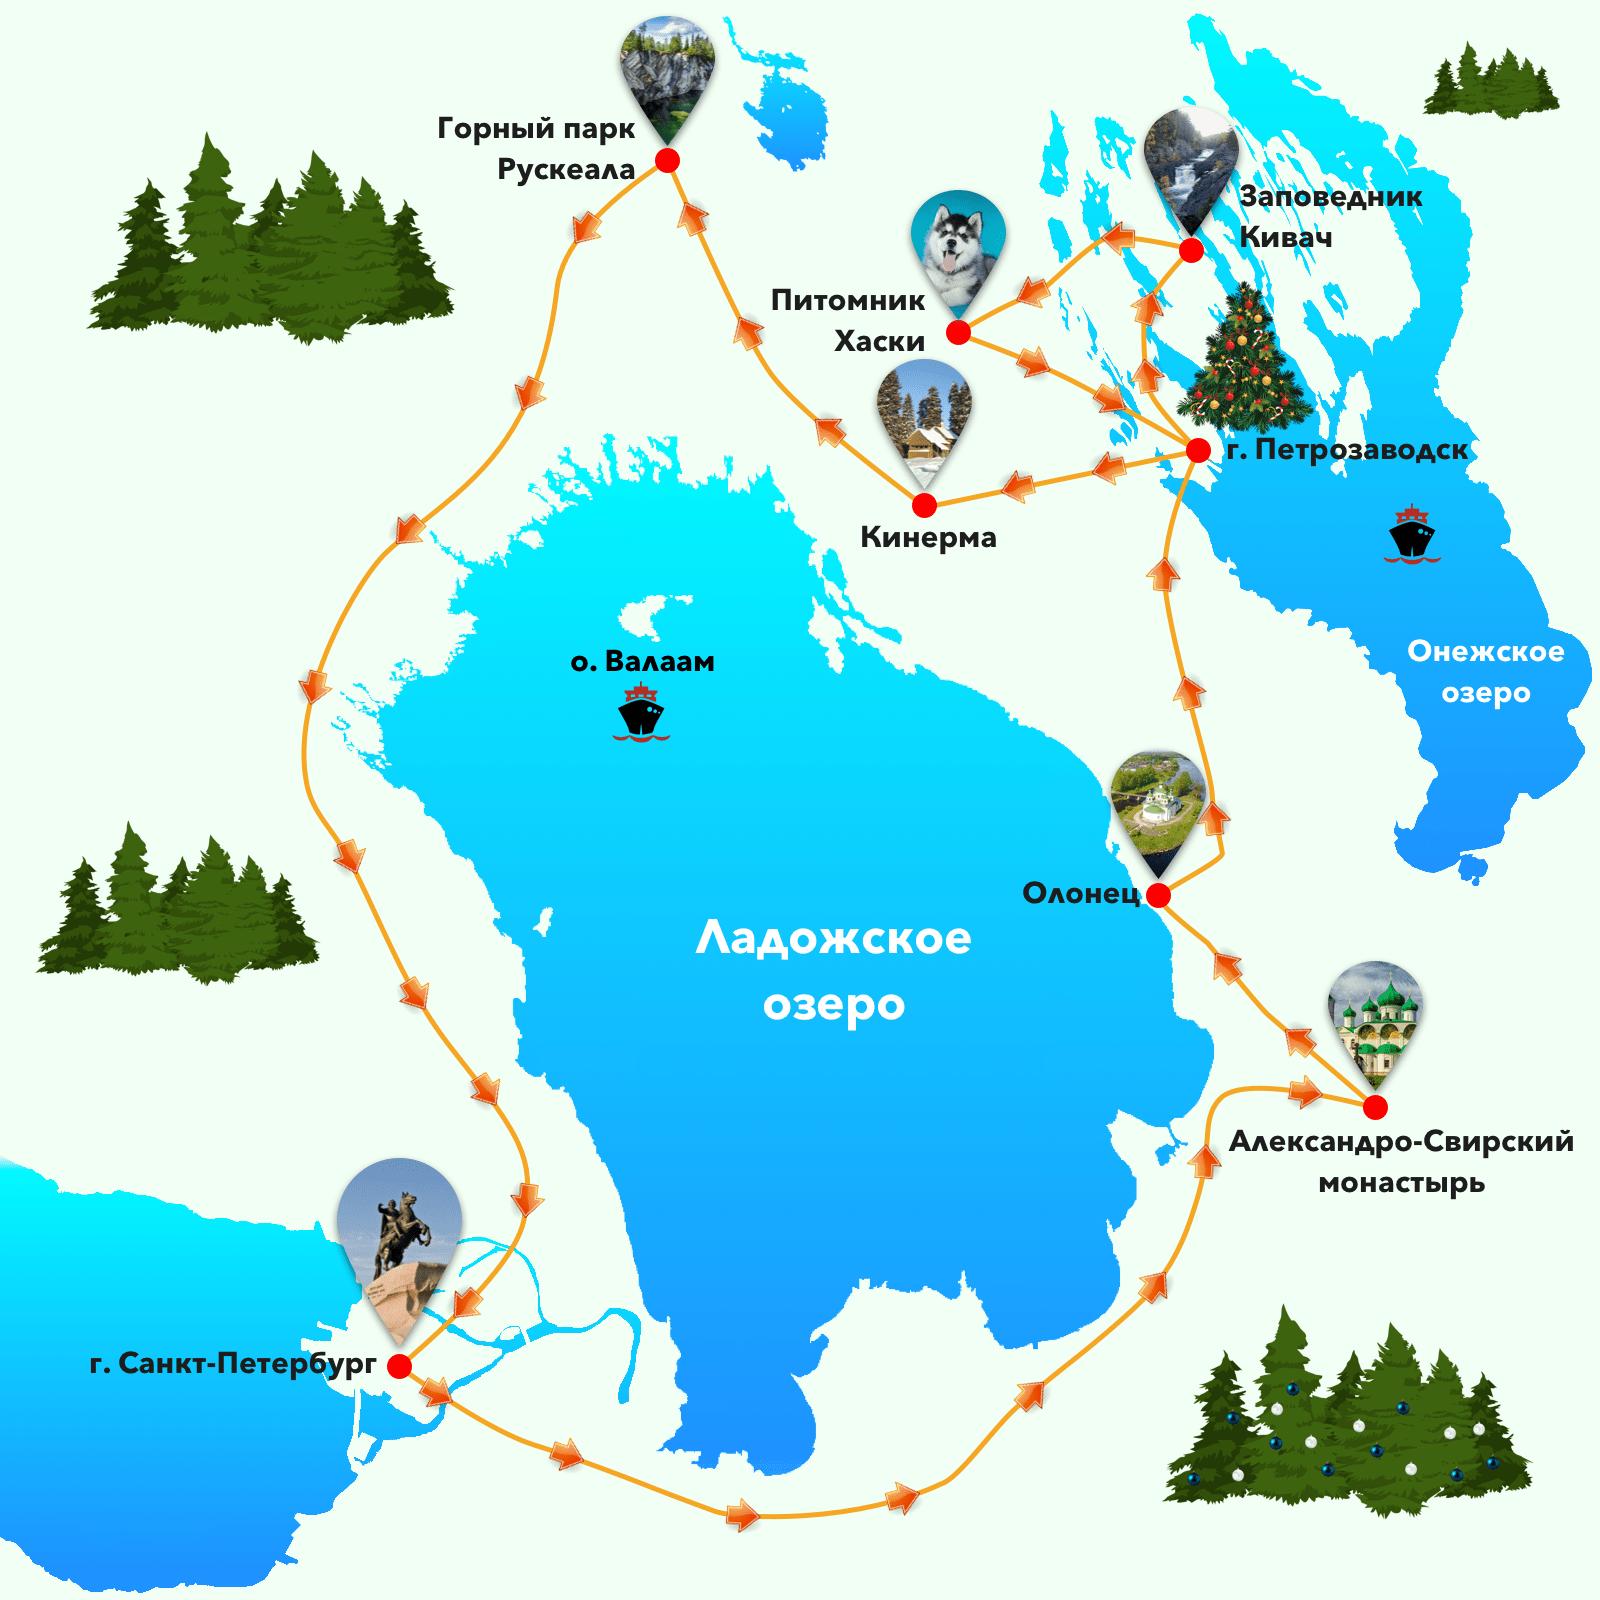 карта маршрута тура «Новогодние приключения на Русском севере»